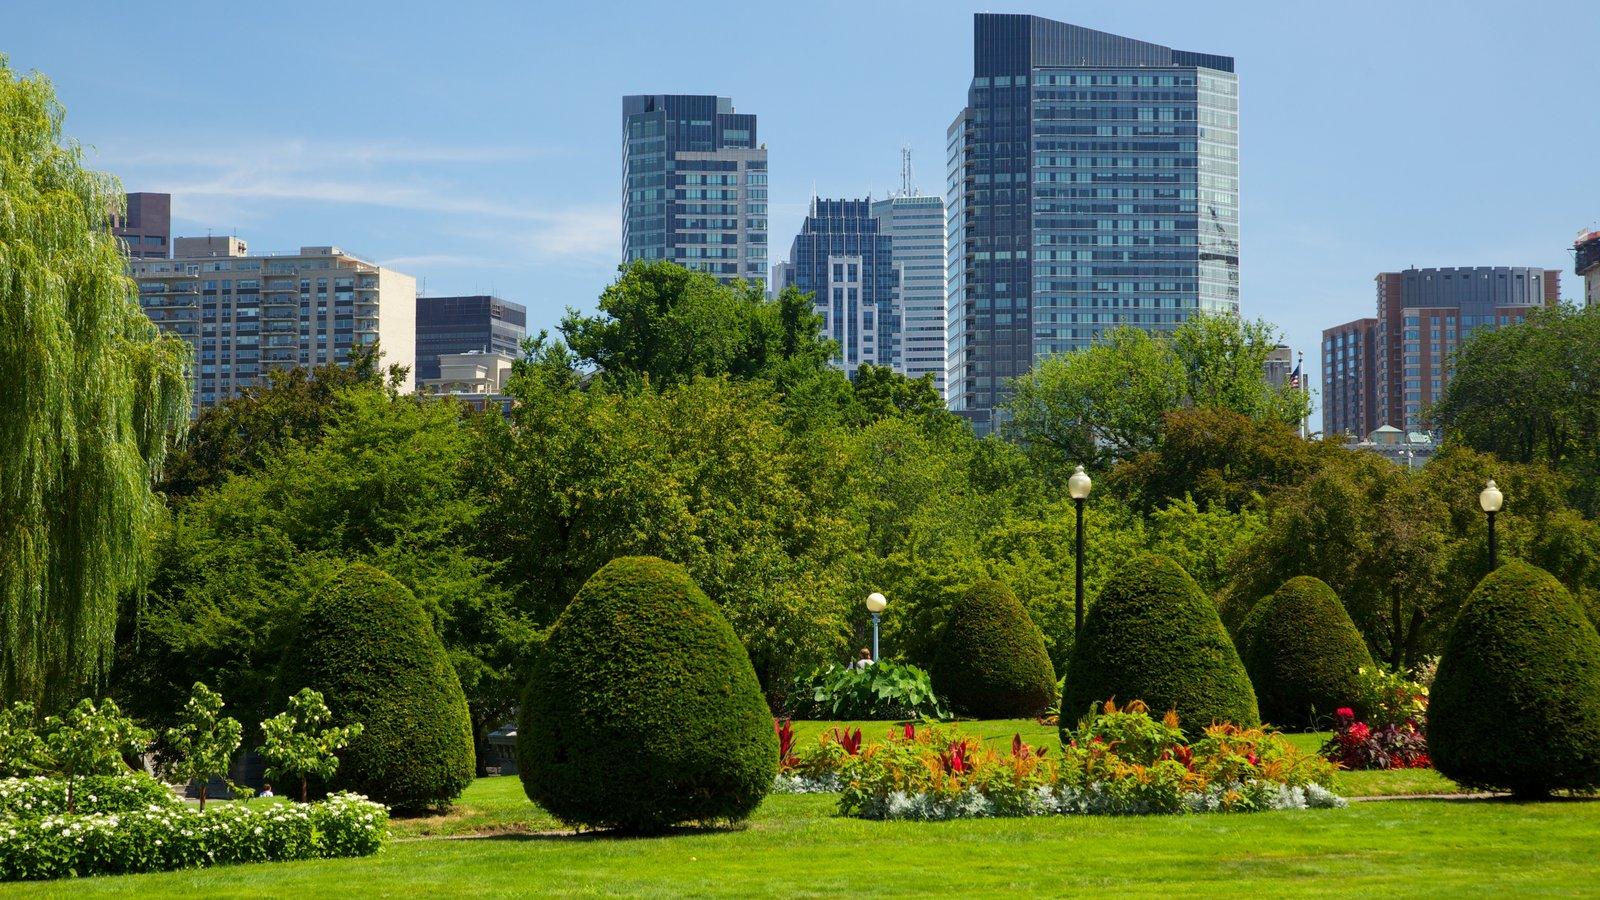 Boston Common mostrando flores, um arranha-céu e um parque